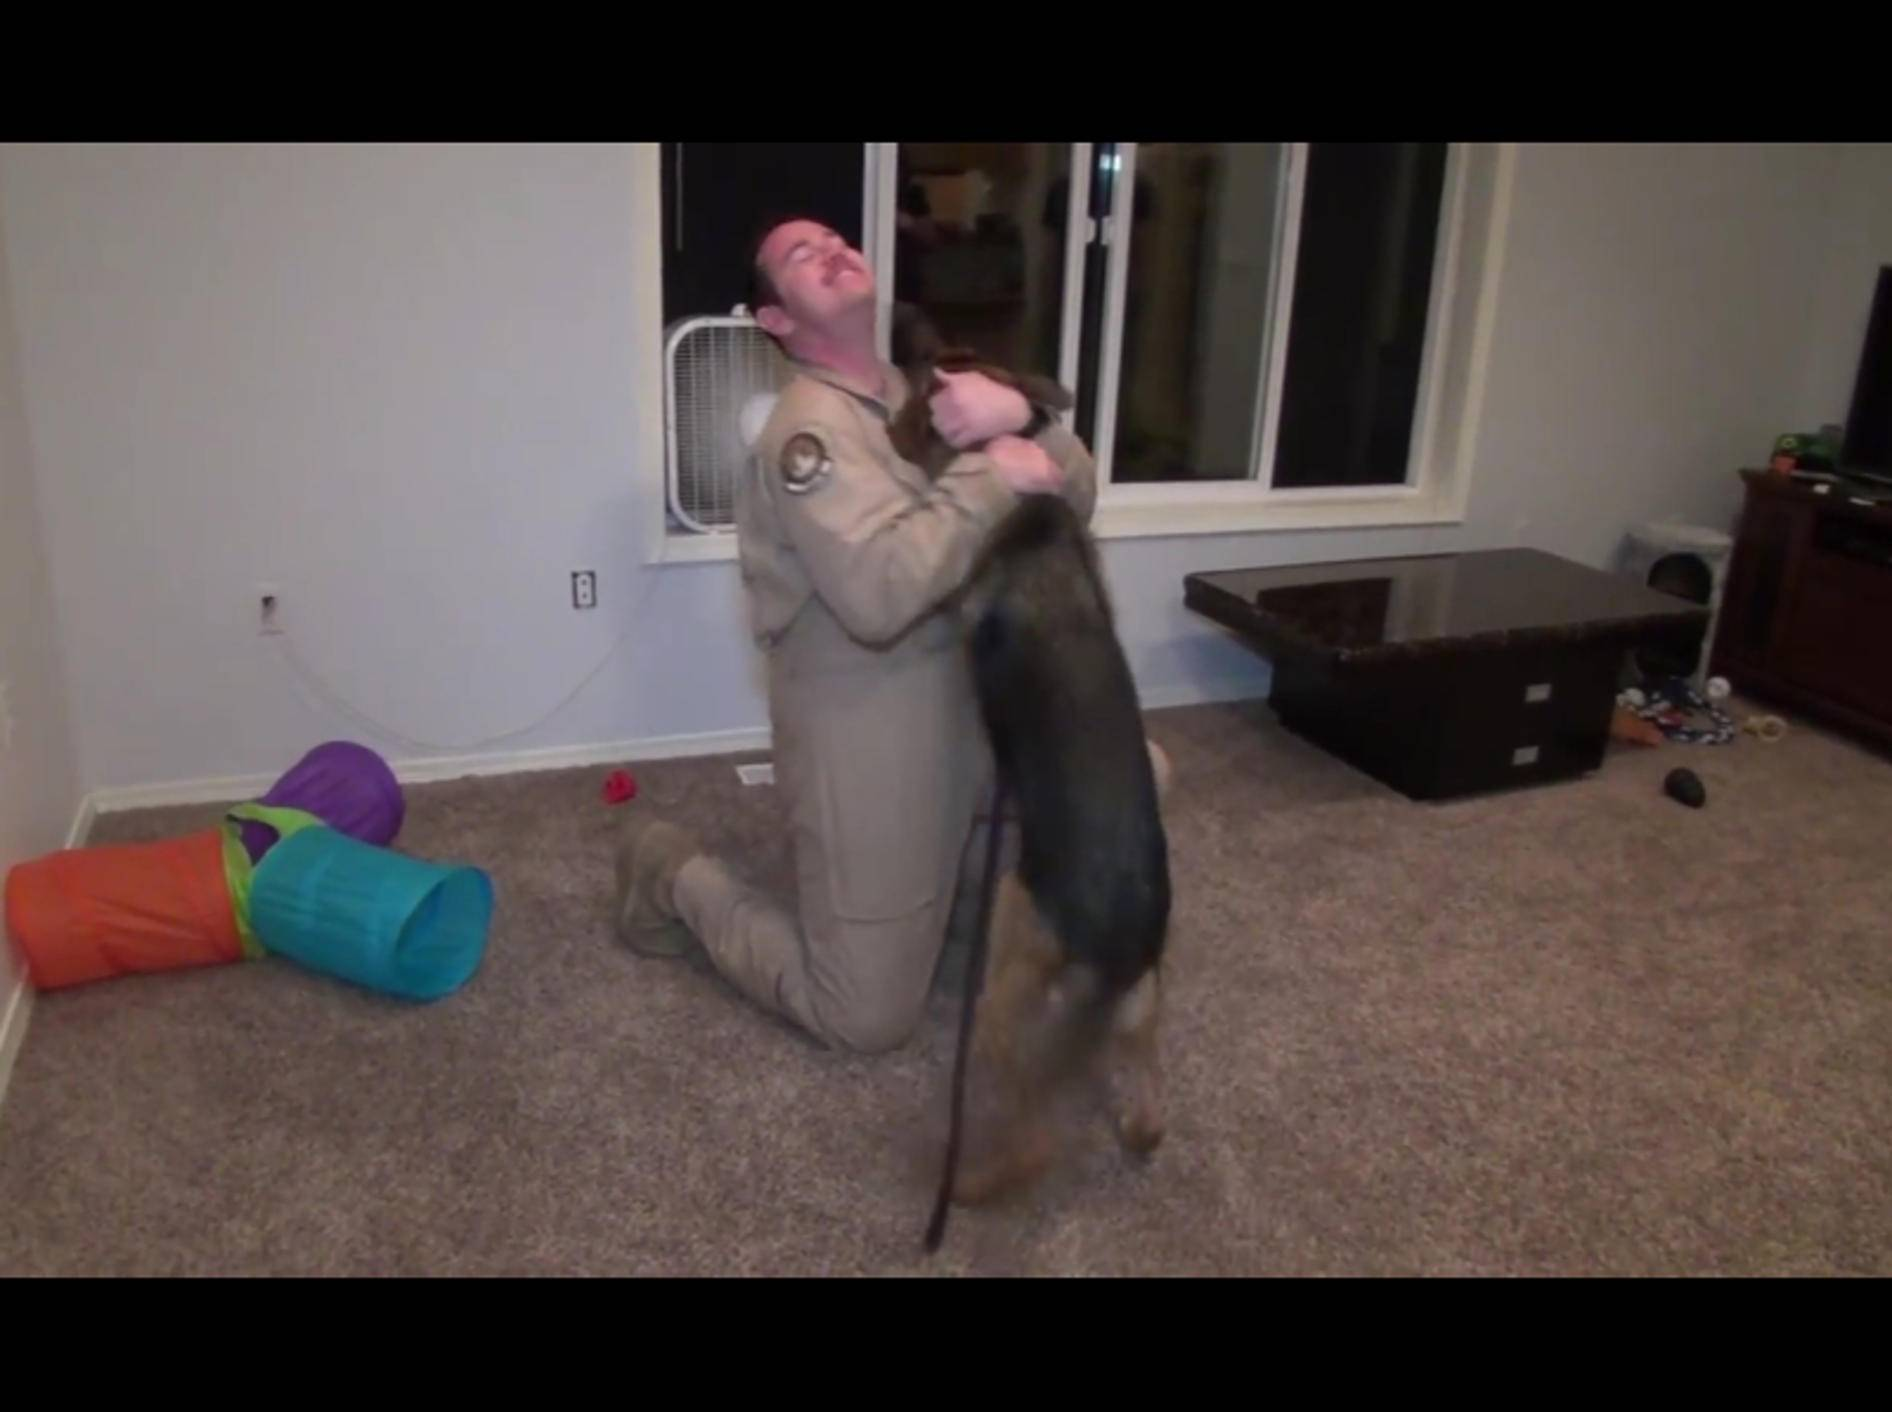 Wie stark die Liebe zwischen Mensch und Hund sein kann, zeigt die Freude über dieses Wiedersehen – YouTube / ProtoAnimation